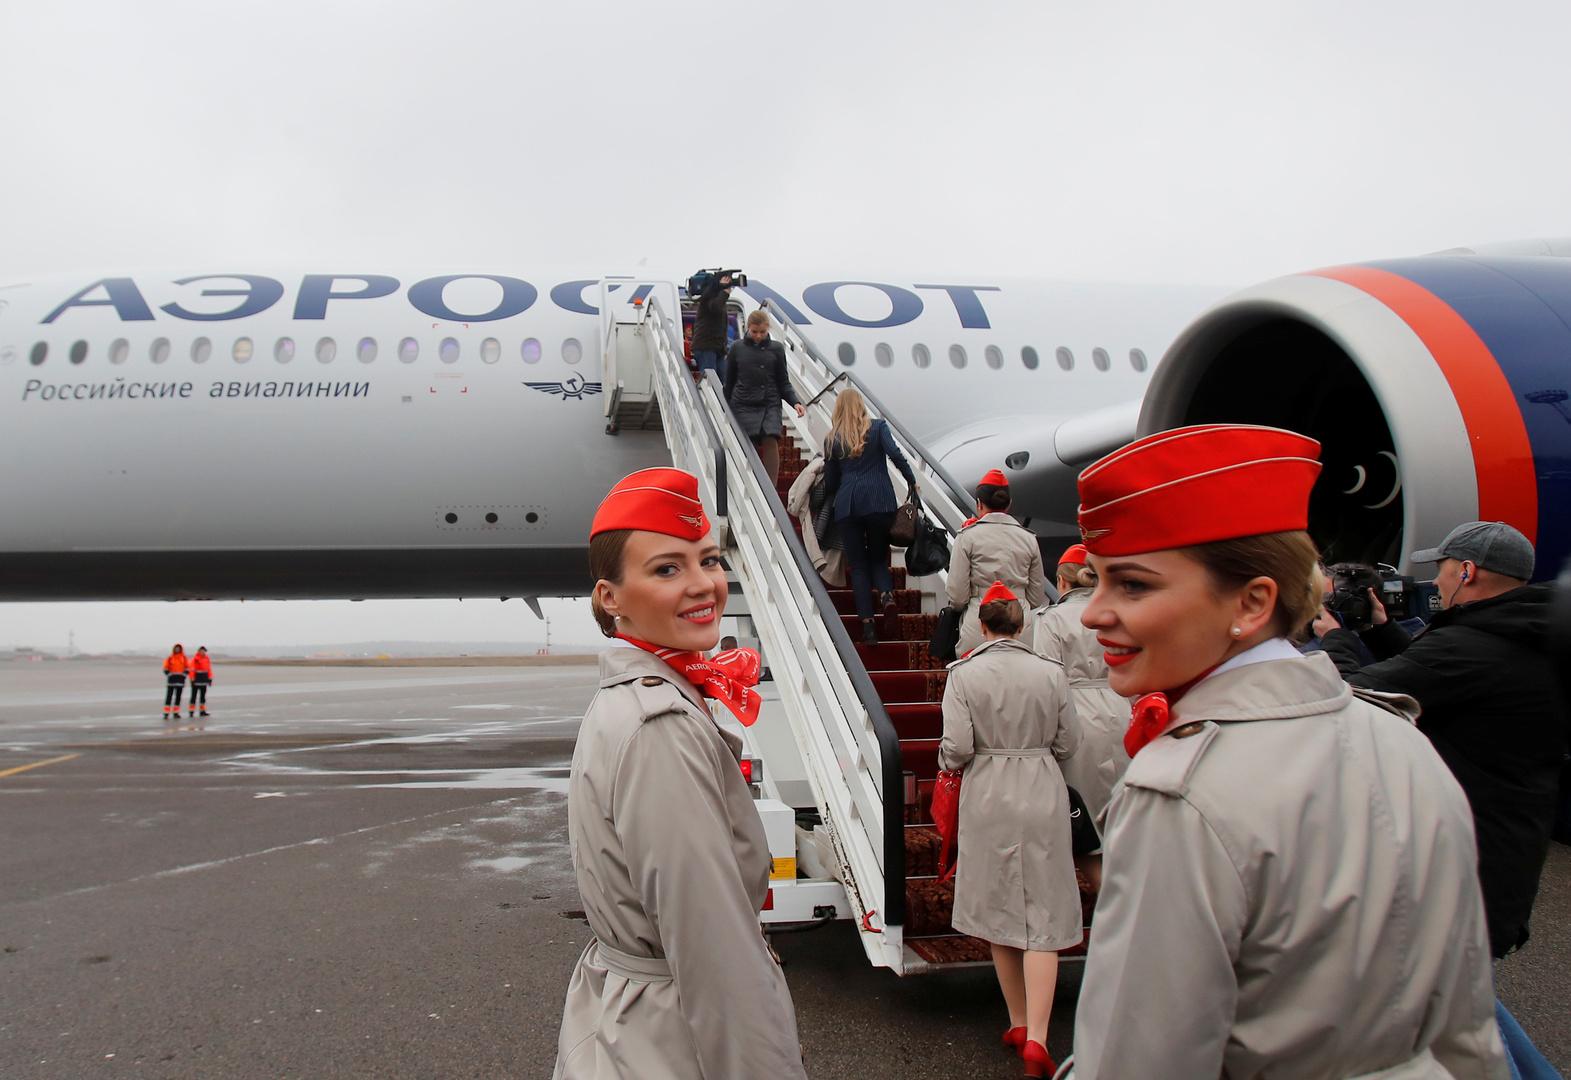 روسيا تستأنف حركة الطيران مع 4 دول من ضمنها دولة عربية